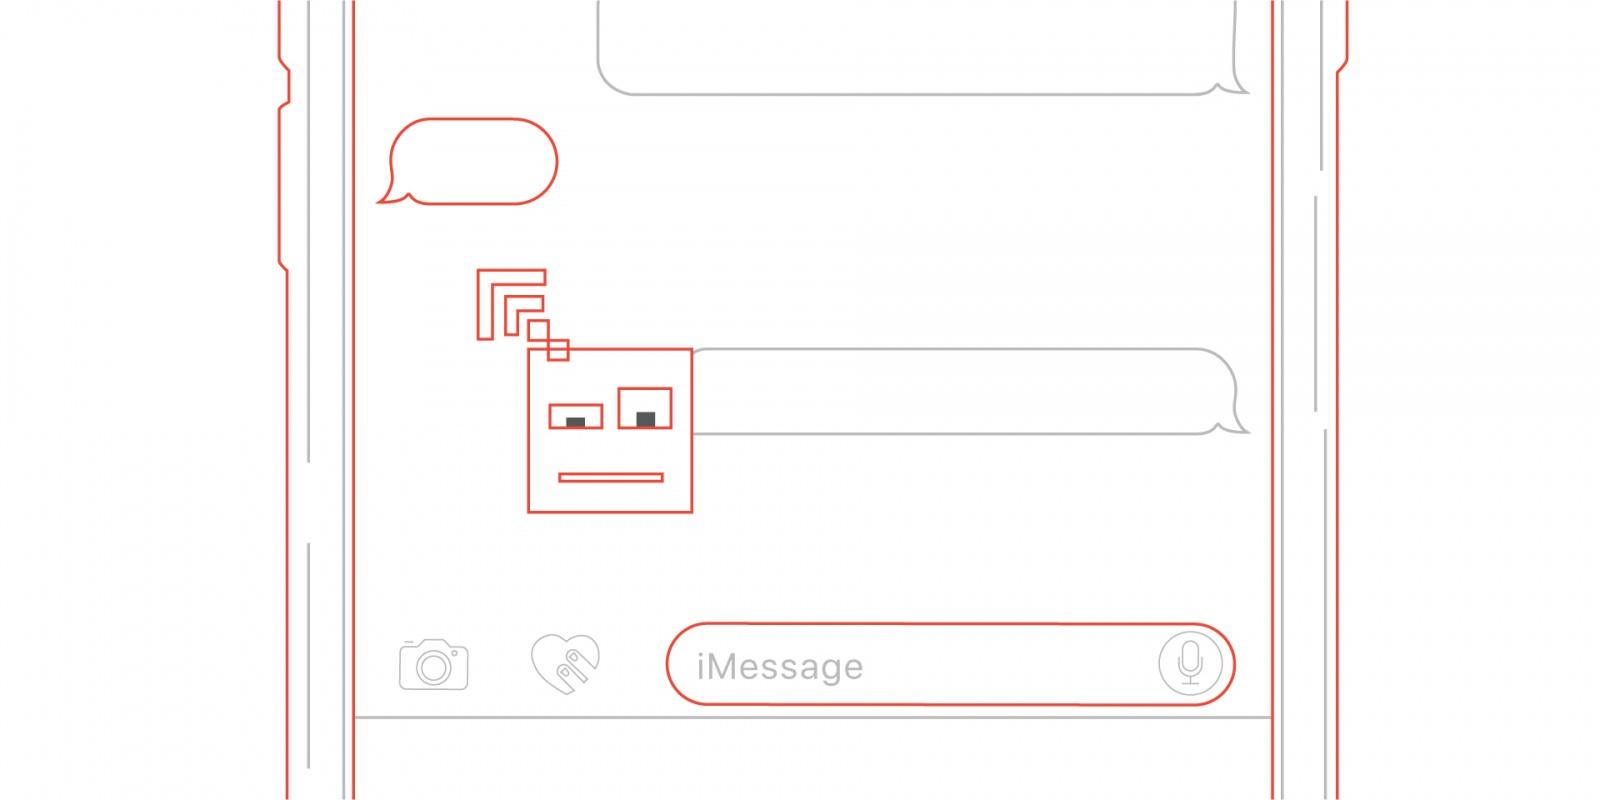 iMessage в iOS 10: новые возможности для разработчиков - 1